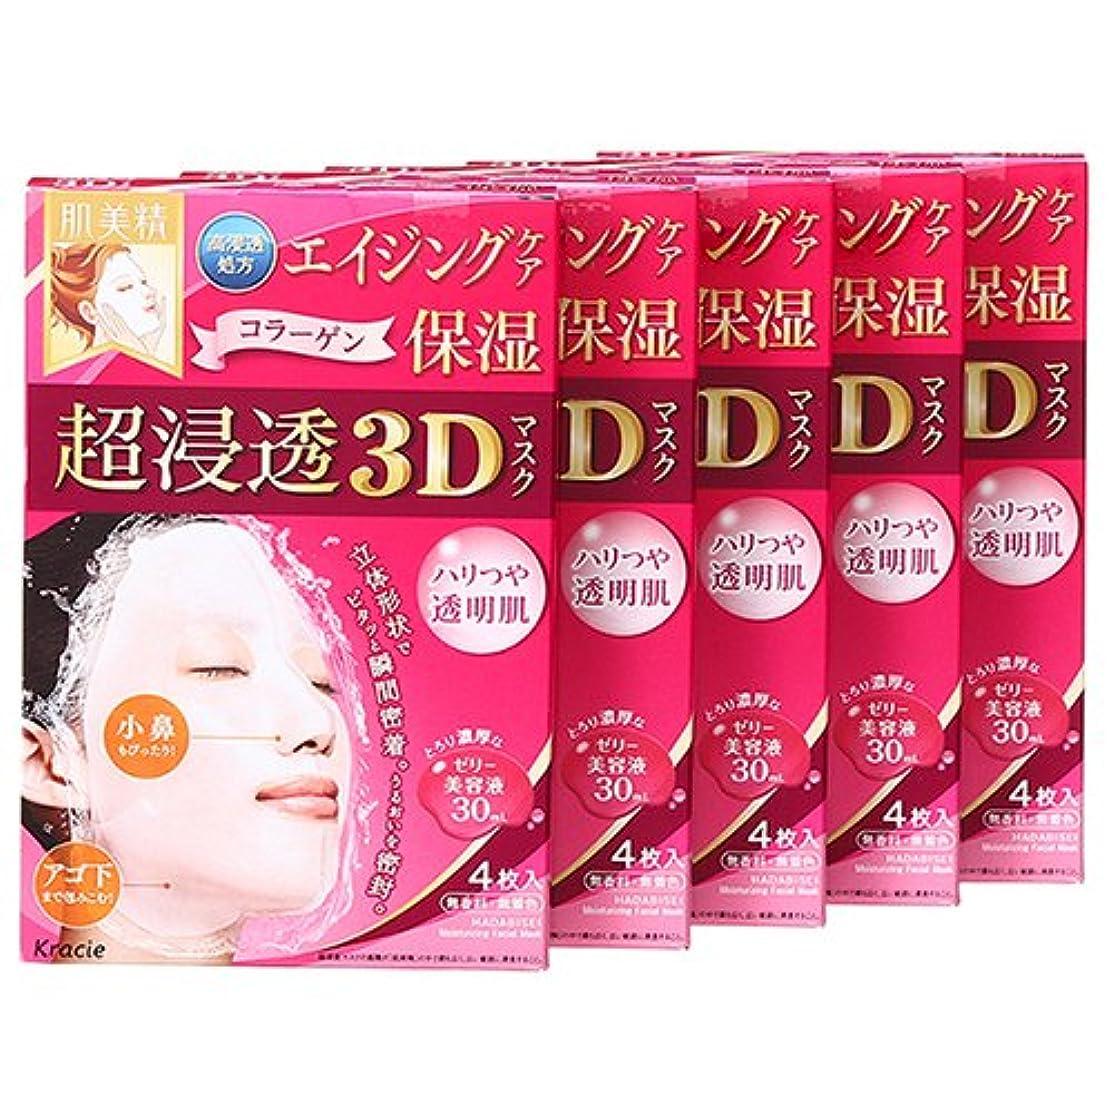 解決属する散髪クラシエホームプロダクツ 肌美精 超浸透3Dマスク エイジングケア(保湿) 4枚入 (美容液30mL/1枚) 5点セット [並行輸入品]